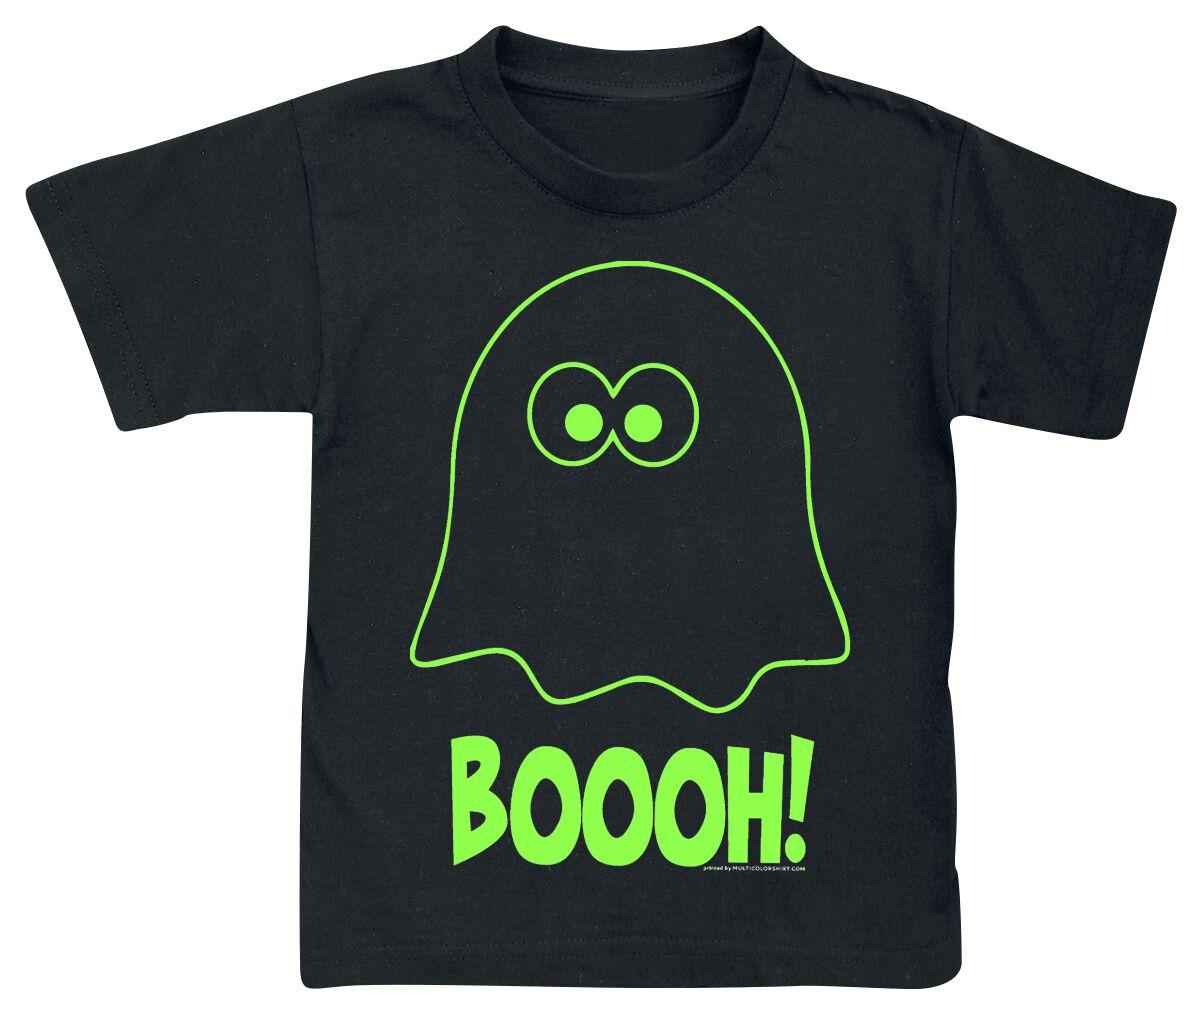 Fun Shirts - Odzież dziecięca i niemowlęca - Koszulka dziecięca Geist Boooh! Koszulka dziecięca czarny - 368614